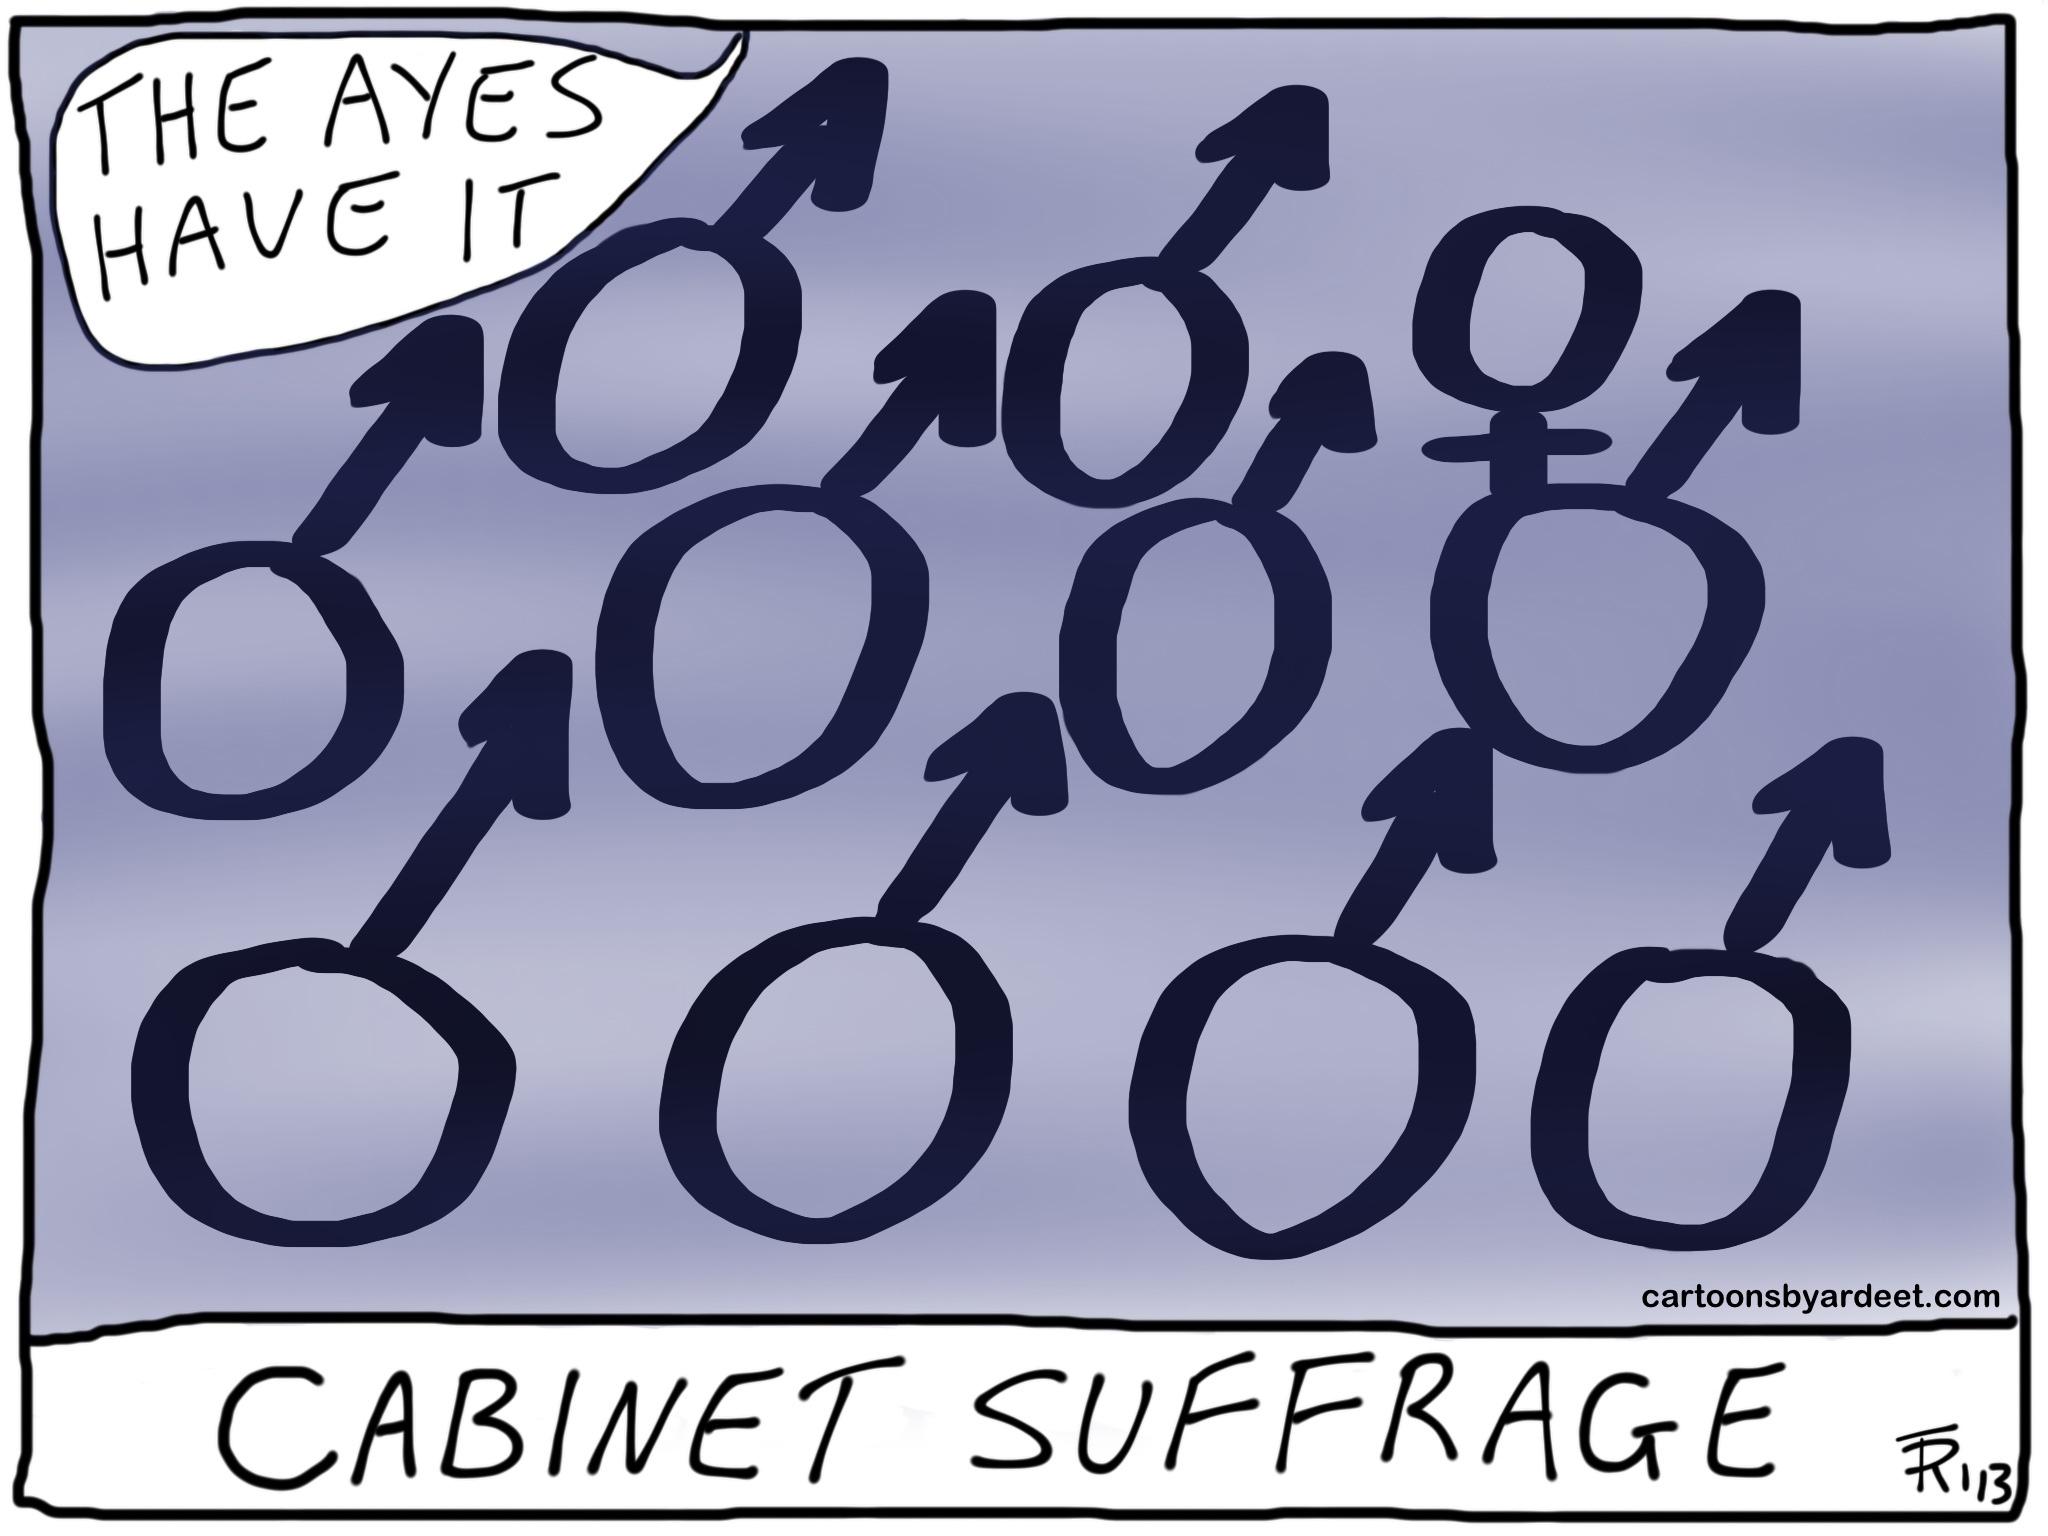 Cabinet Suffrage.jpg